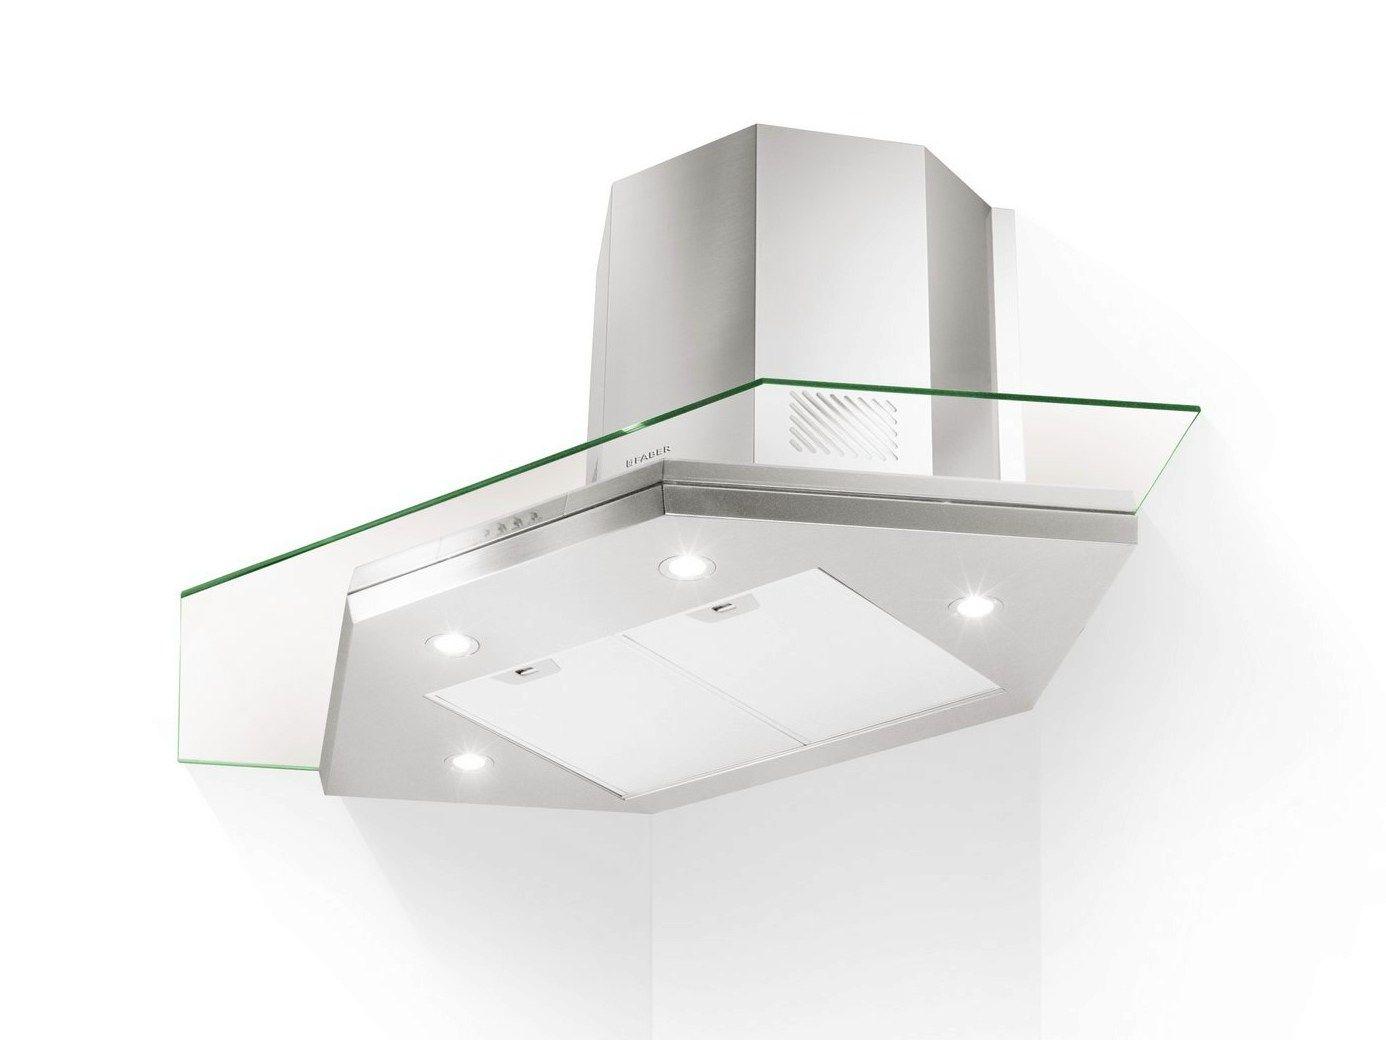 hotte aspirante angle. Black Bedroom Furniture Sets. Home Design Ideas